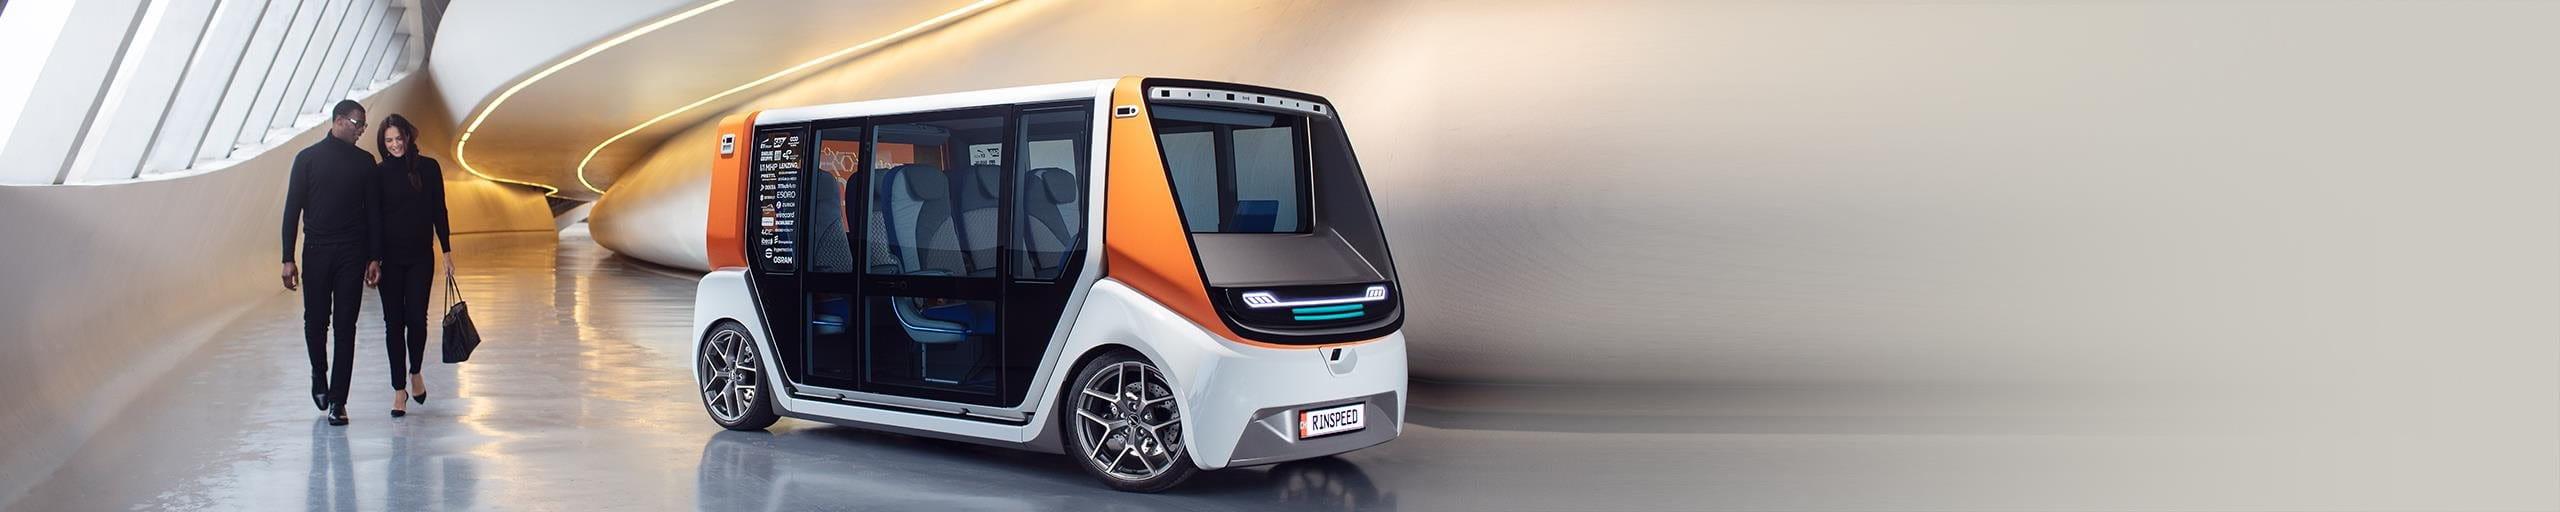 MetroSnap le véhicule concept